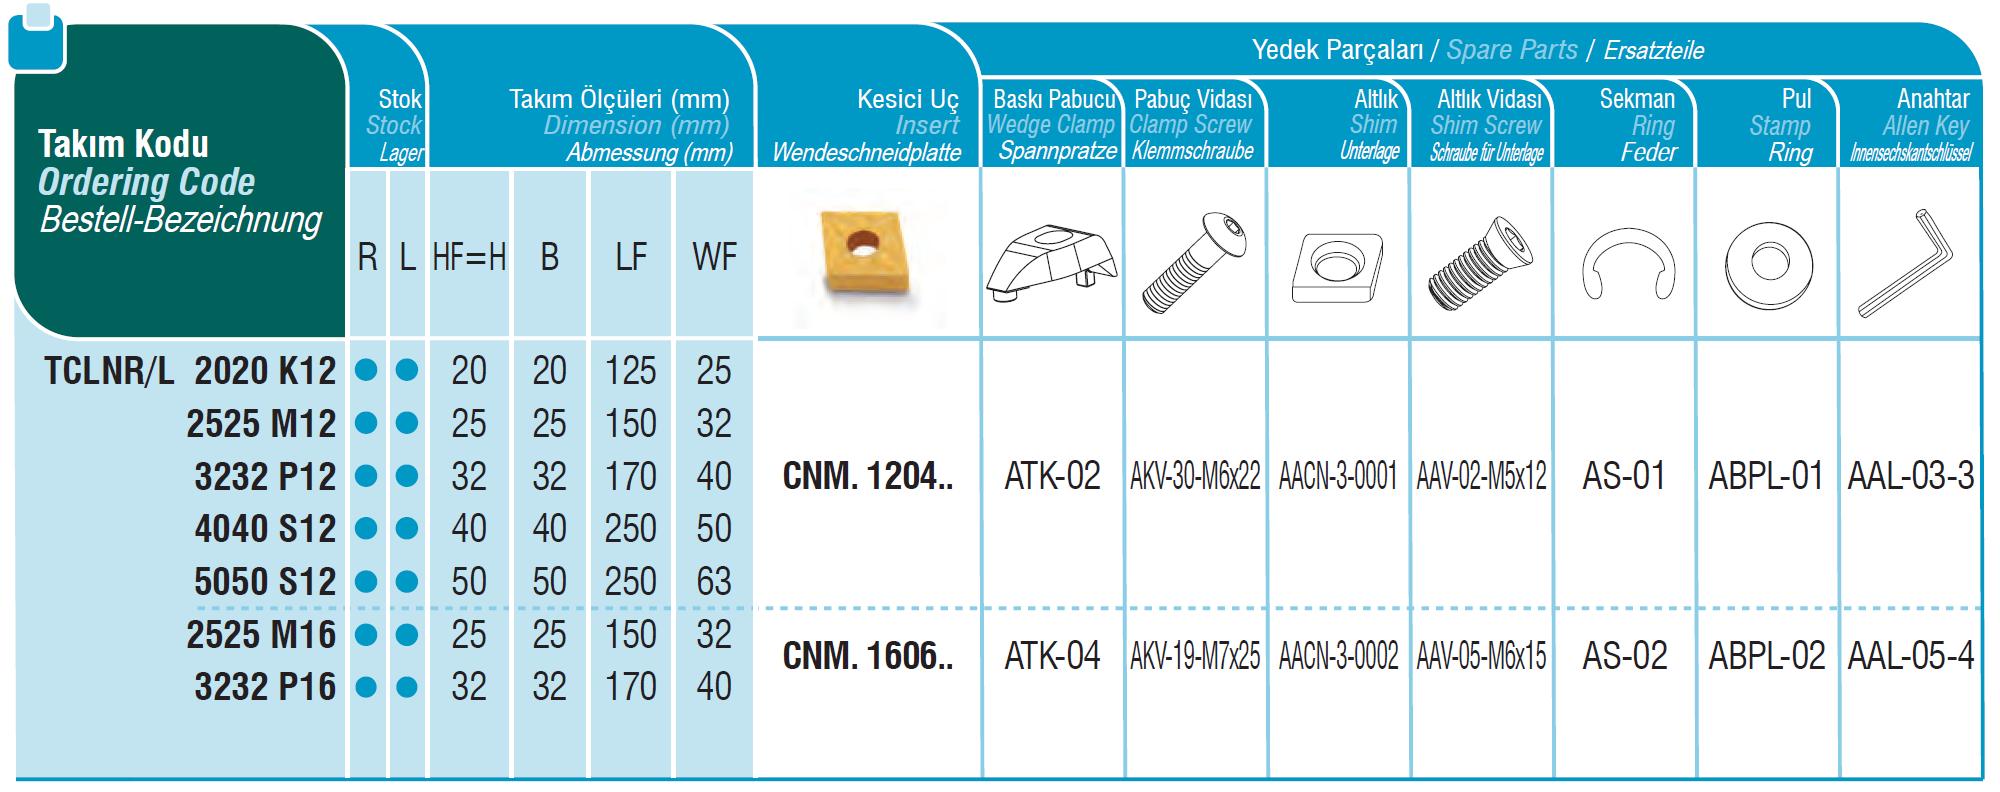 Drehhalter TCLNR 2020 K12